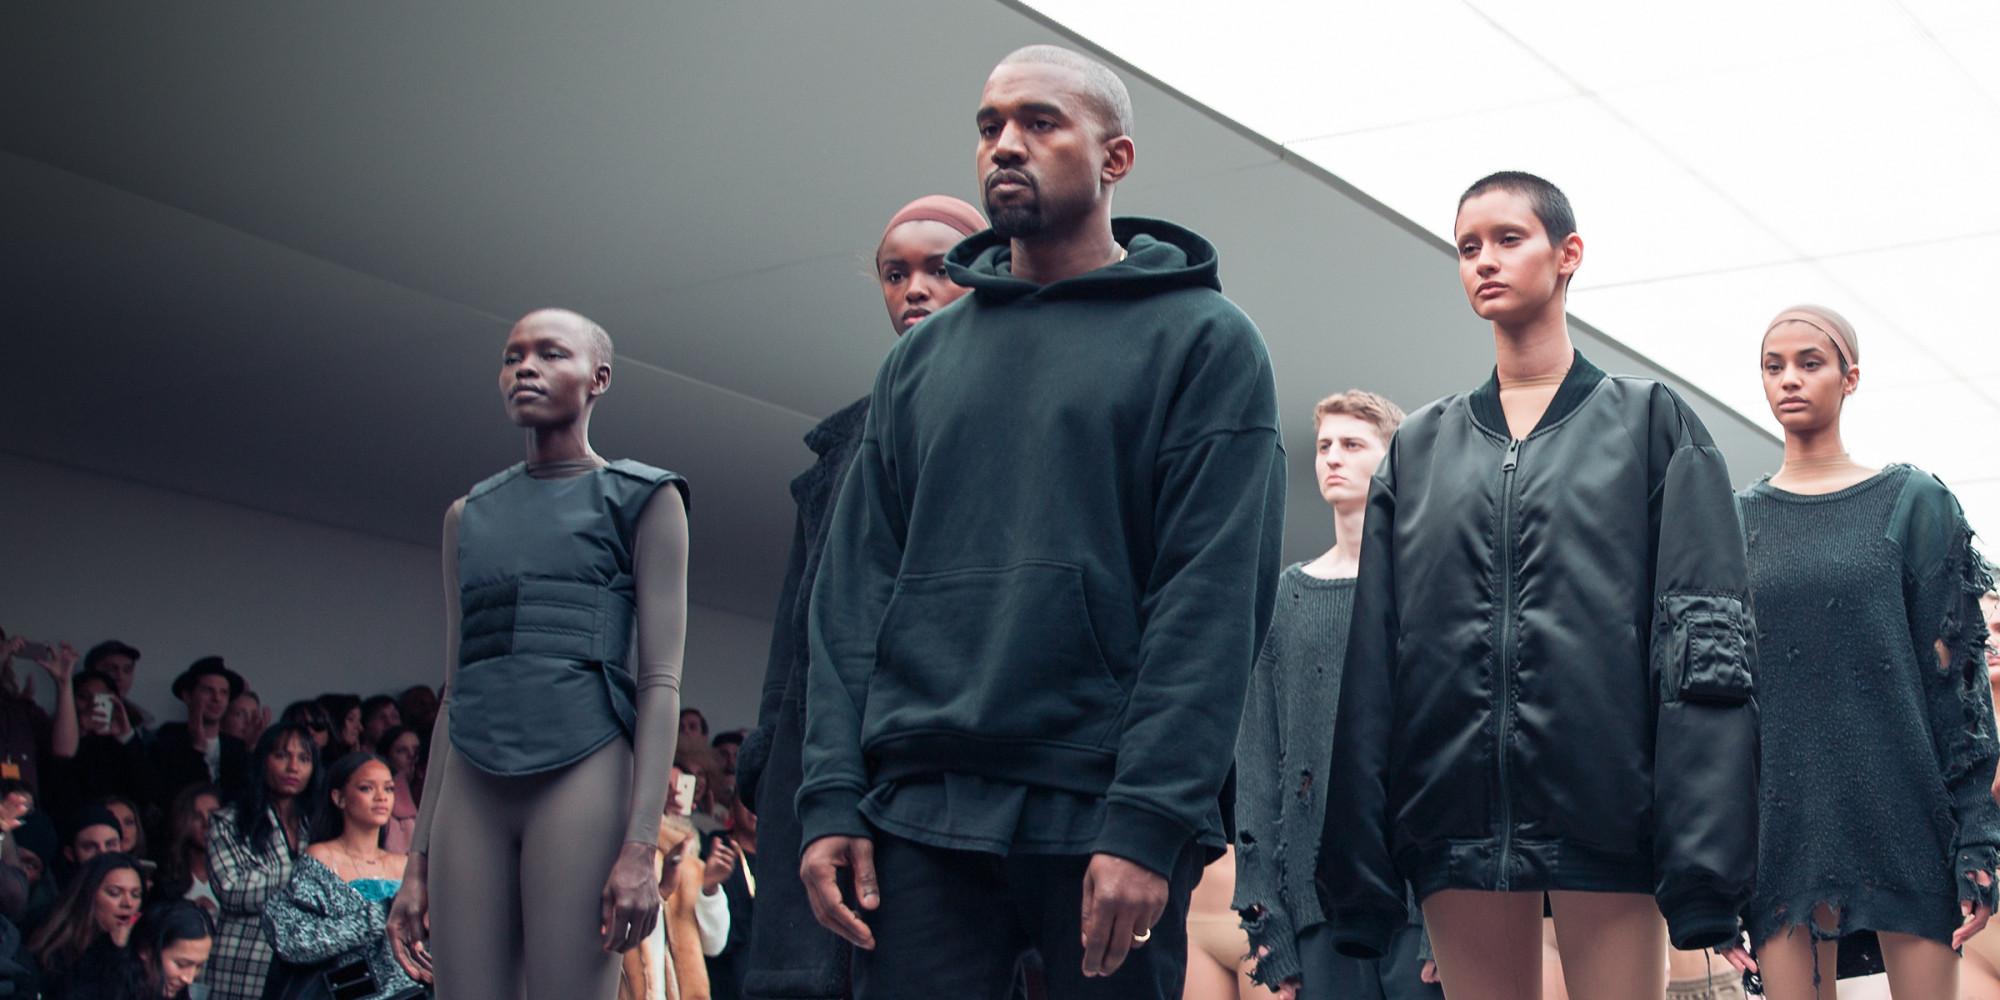 Yeezy Kanye West